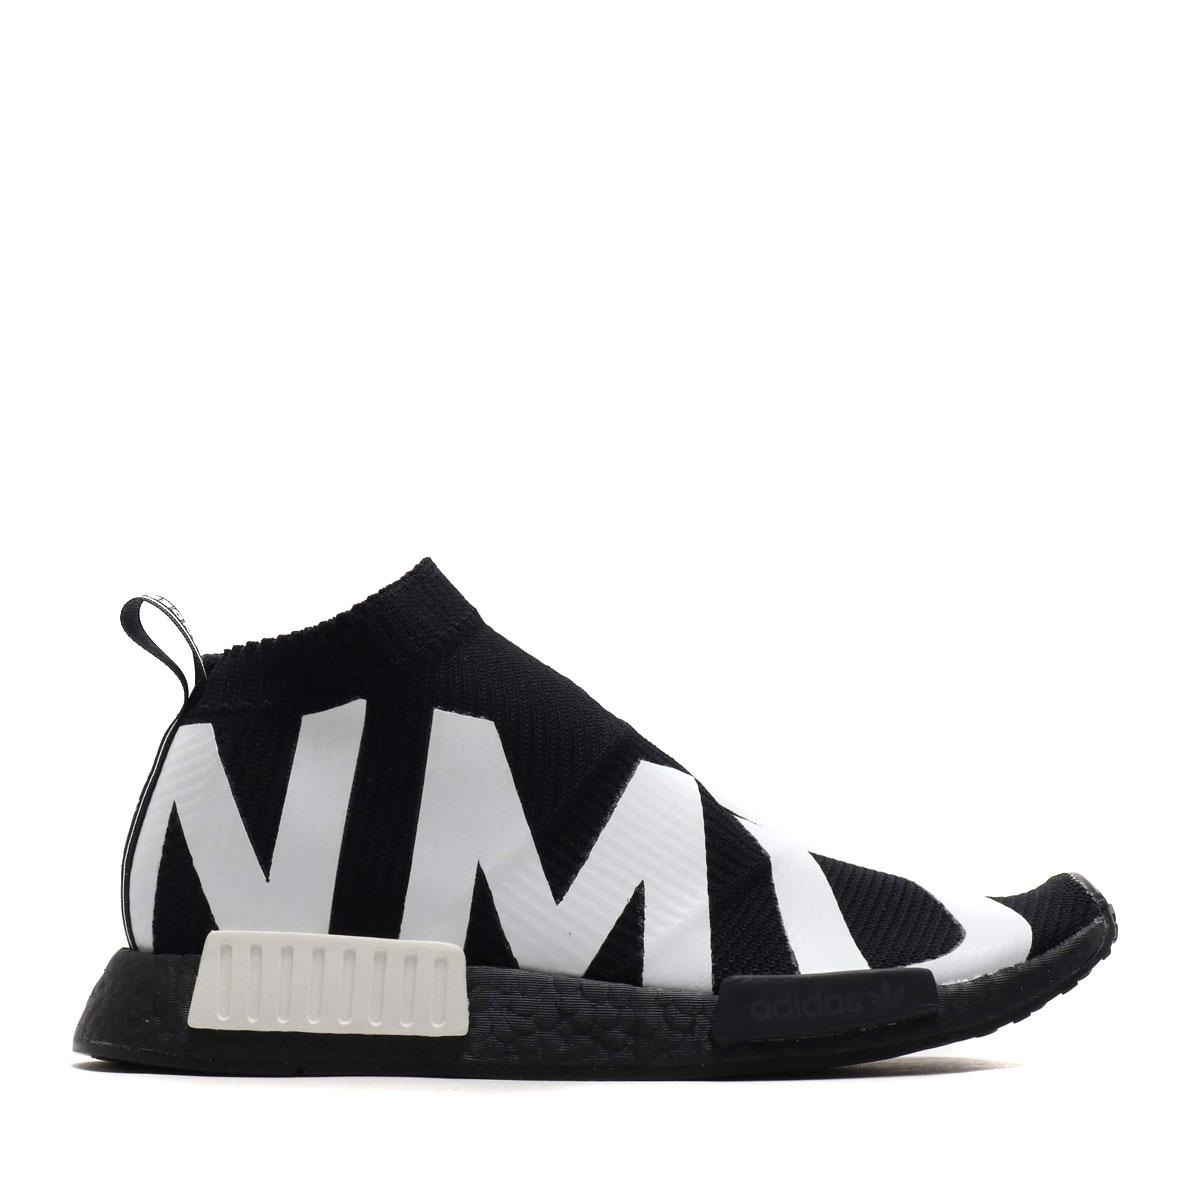 adidas nmd cs1 pk black